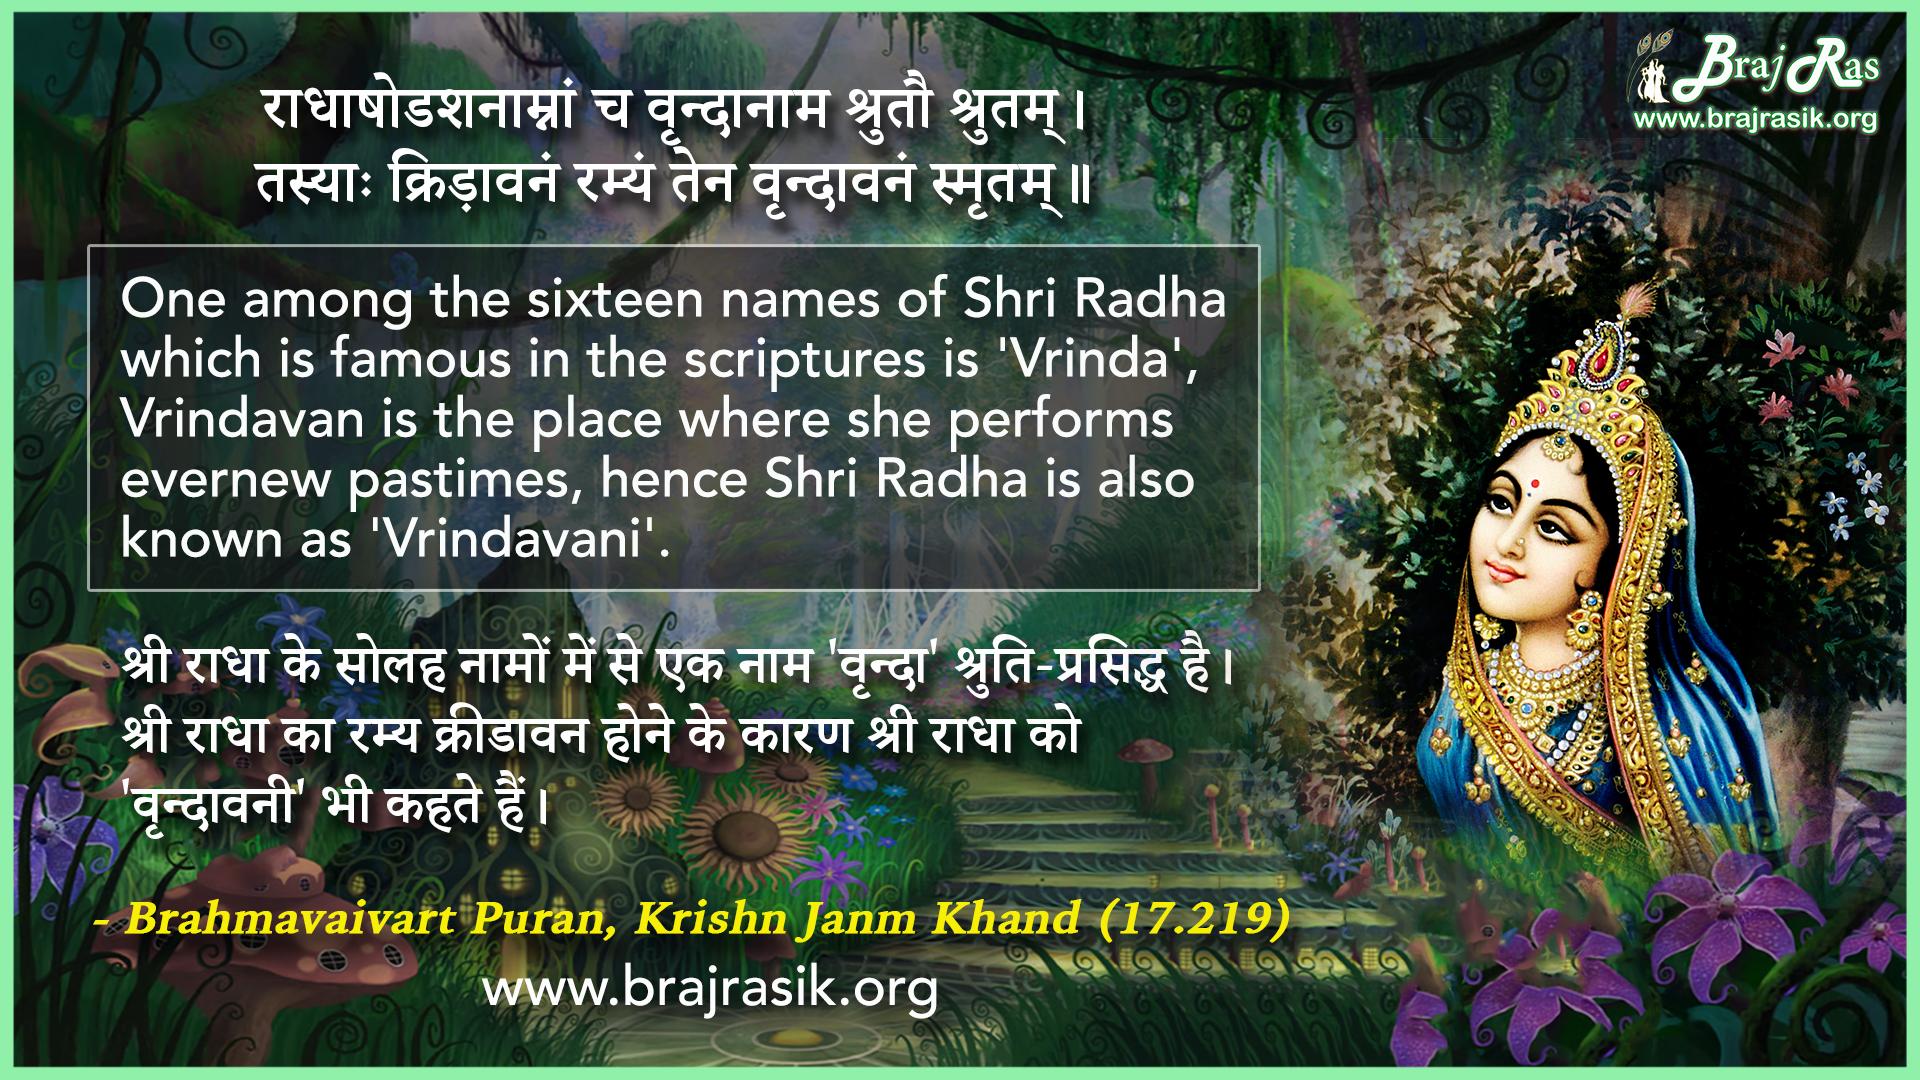 Radhashodashnaamnaam Ch - Brahmavaivart Puran, Krishn Janm Khand (17.219)